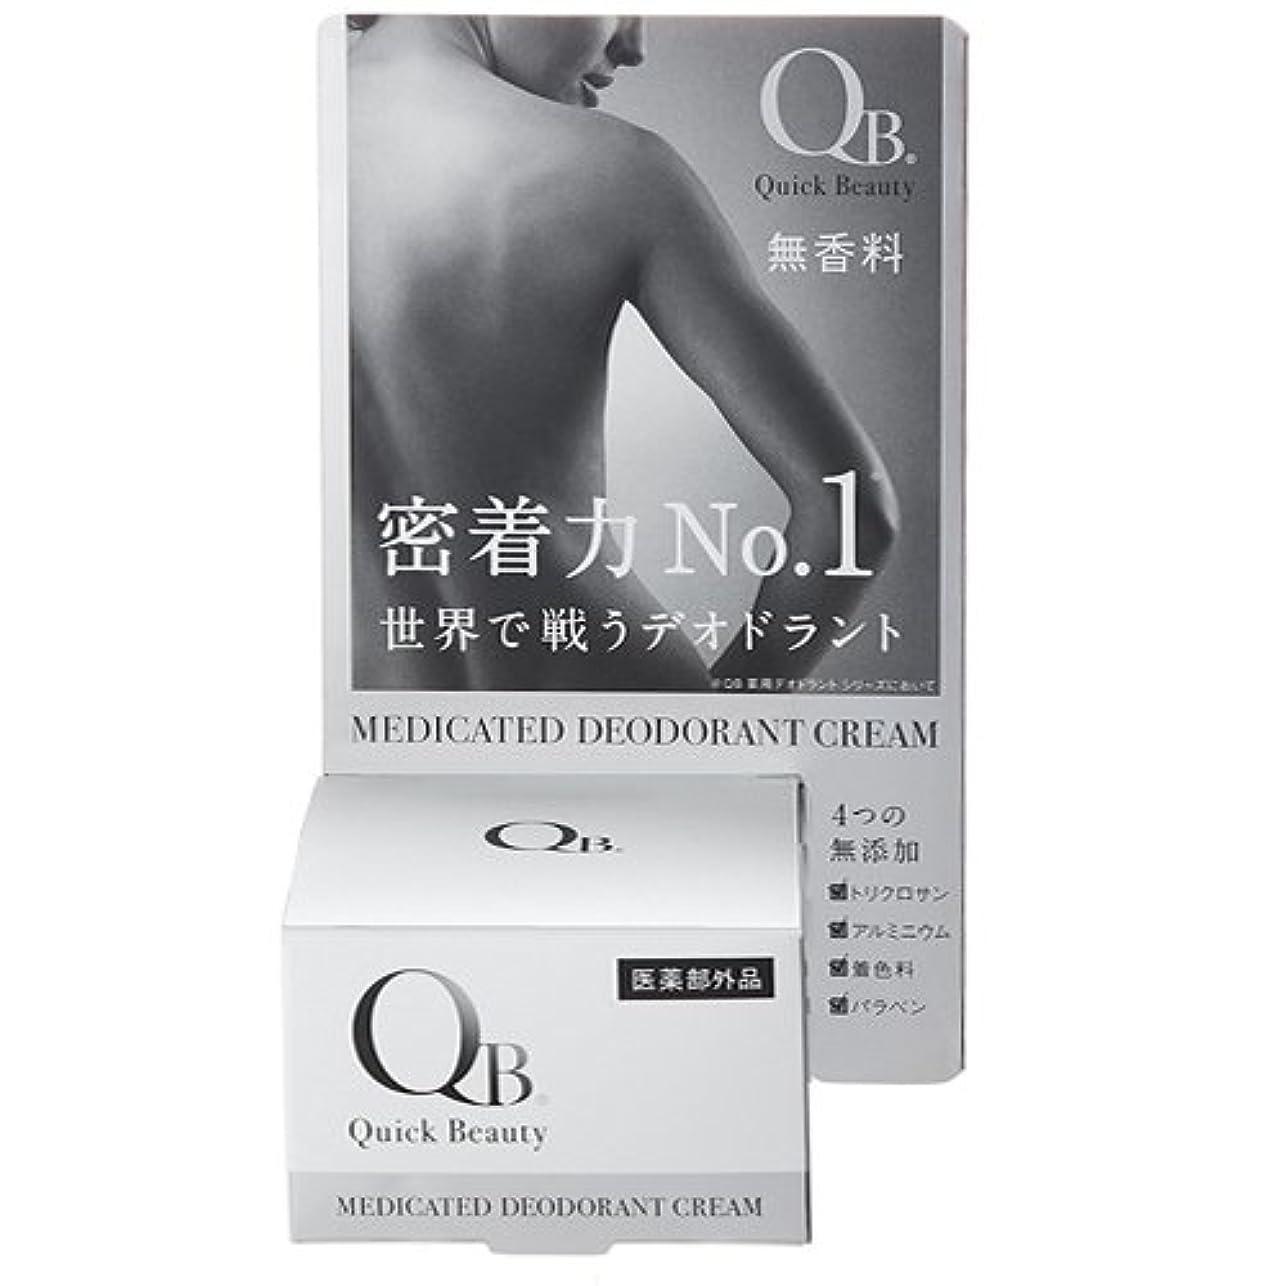 先生早い広告3個セット まとめ買い QB 薬用デオドラントクリーム W 30g 医薬部外品